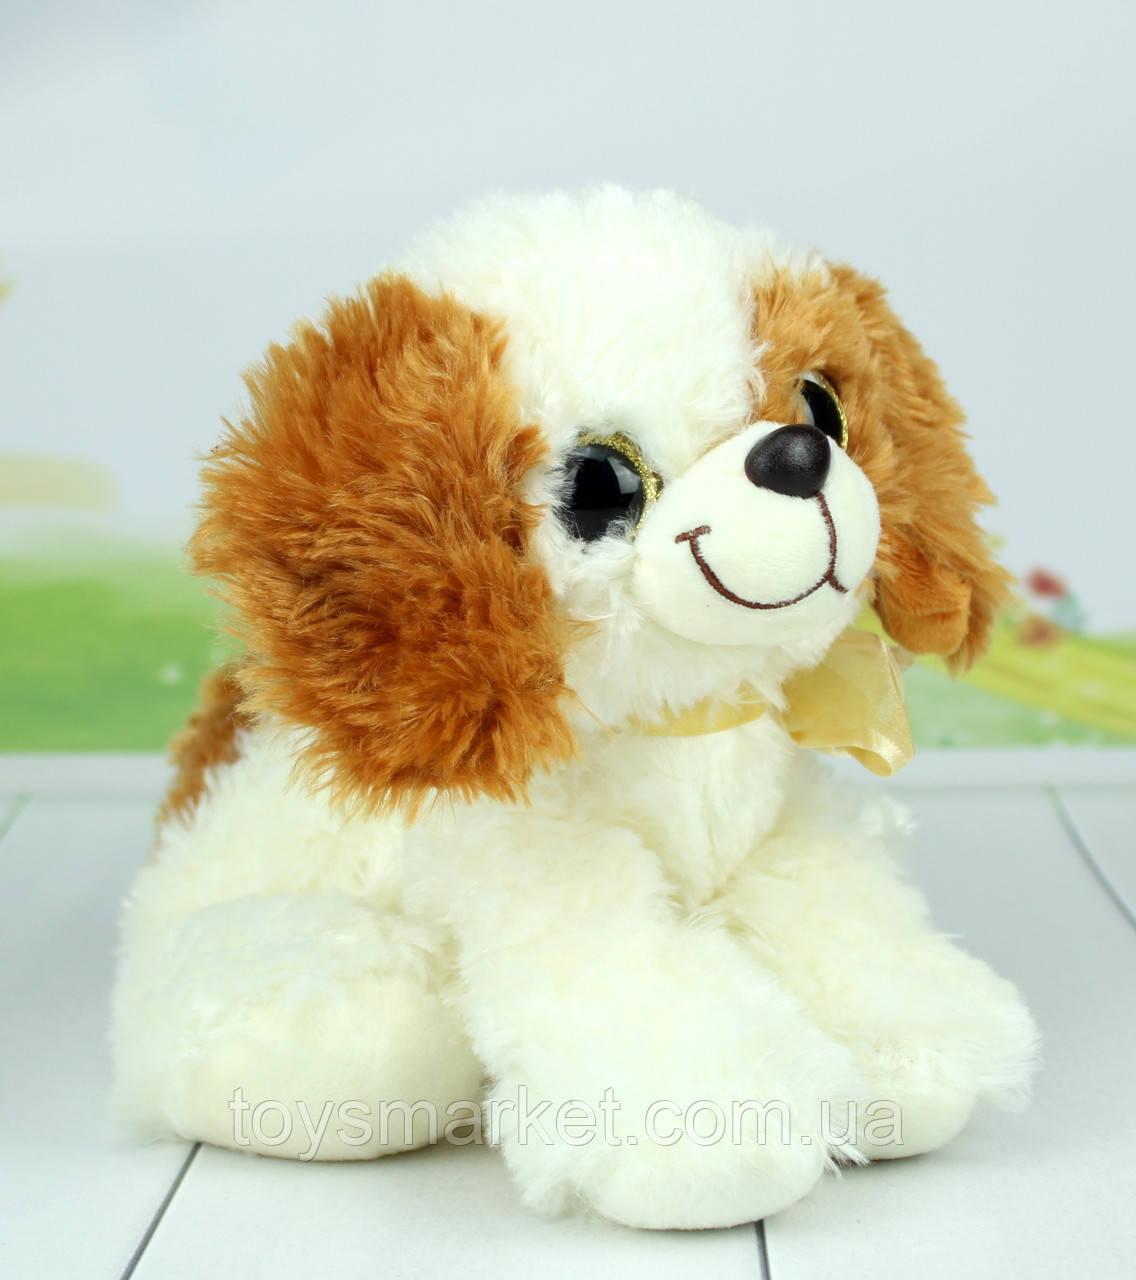 М'яка іграшка щеня, плюшева собака, 25 див.